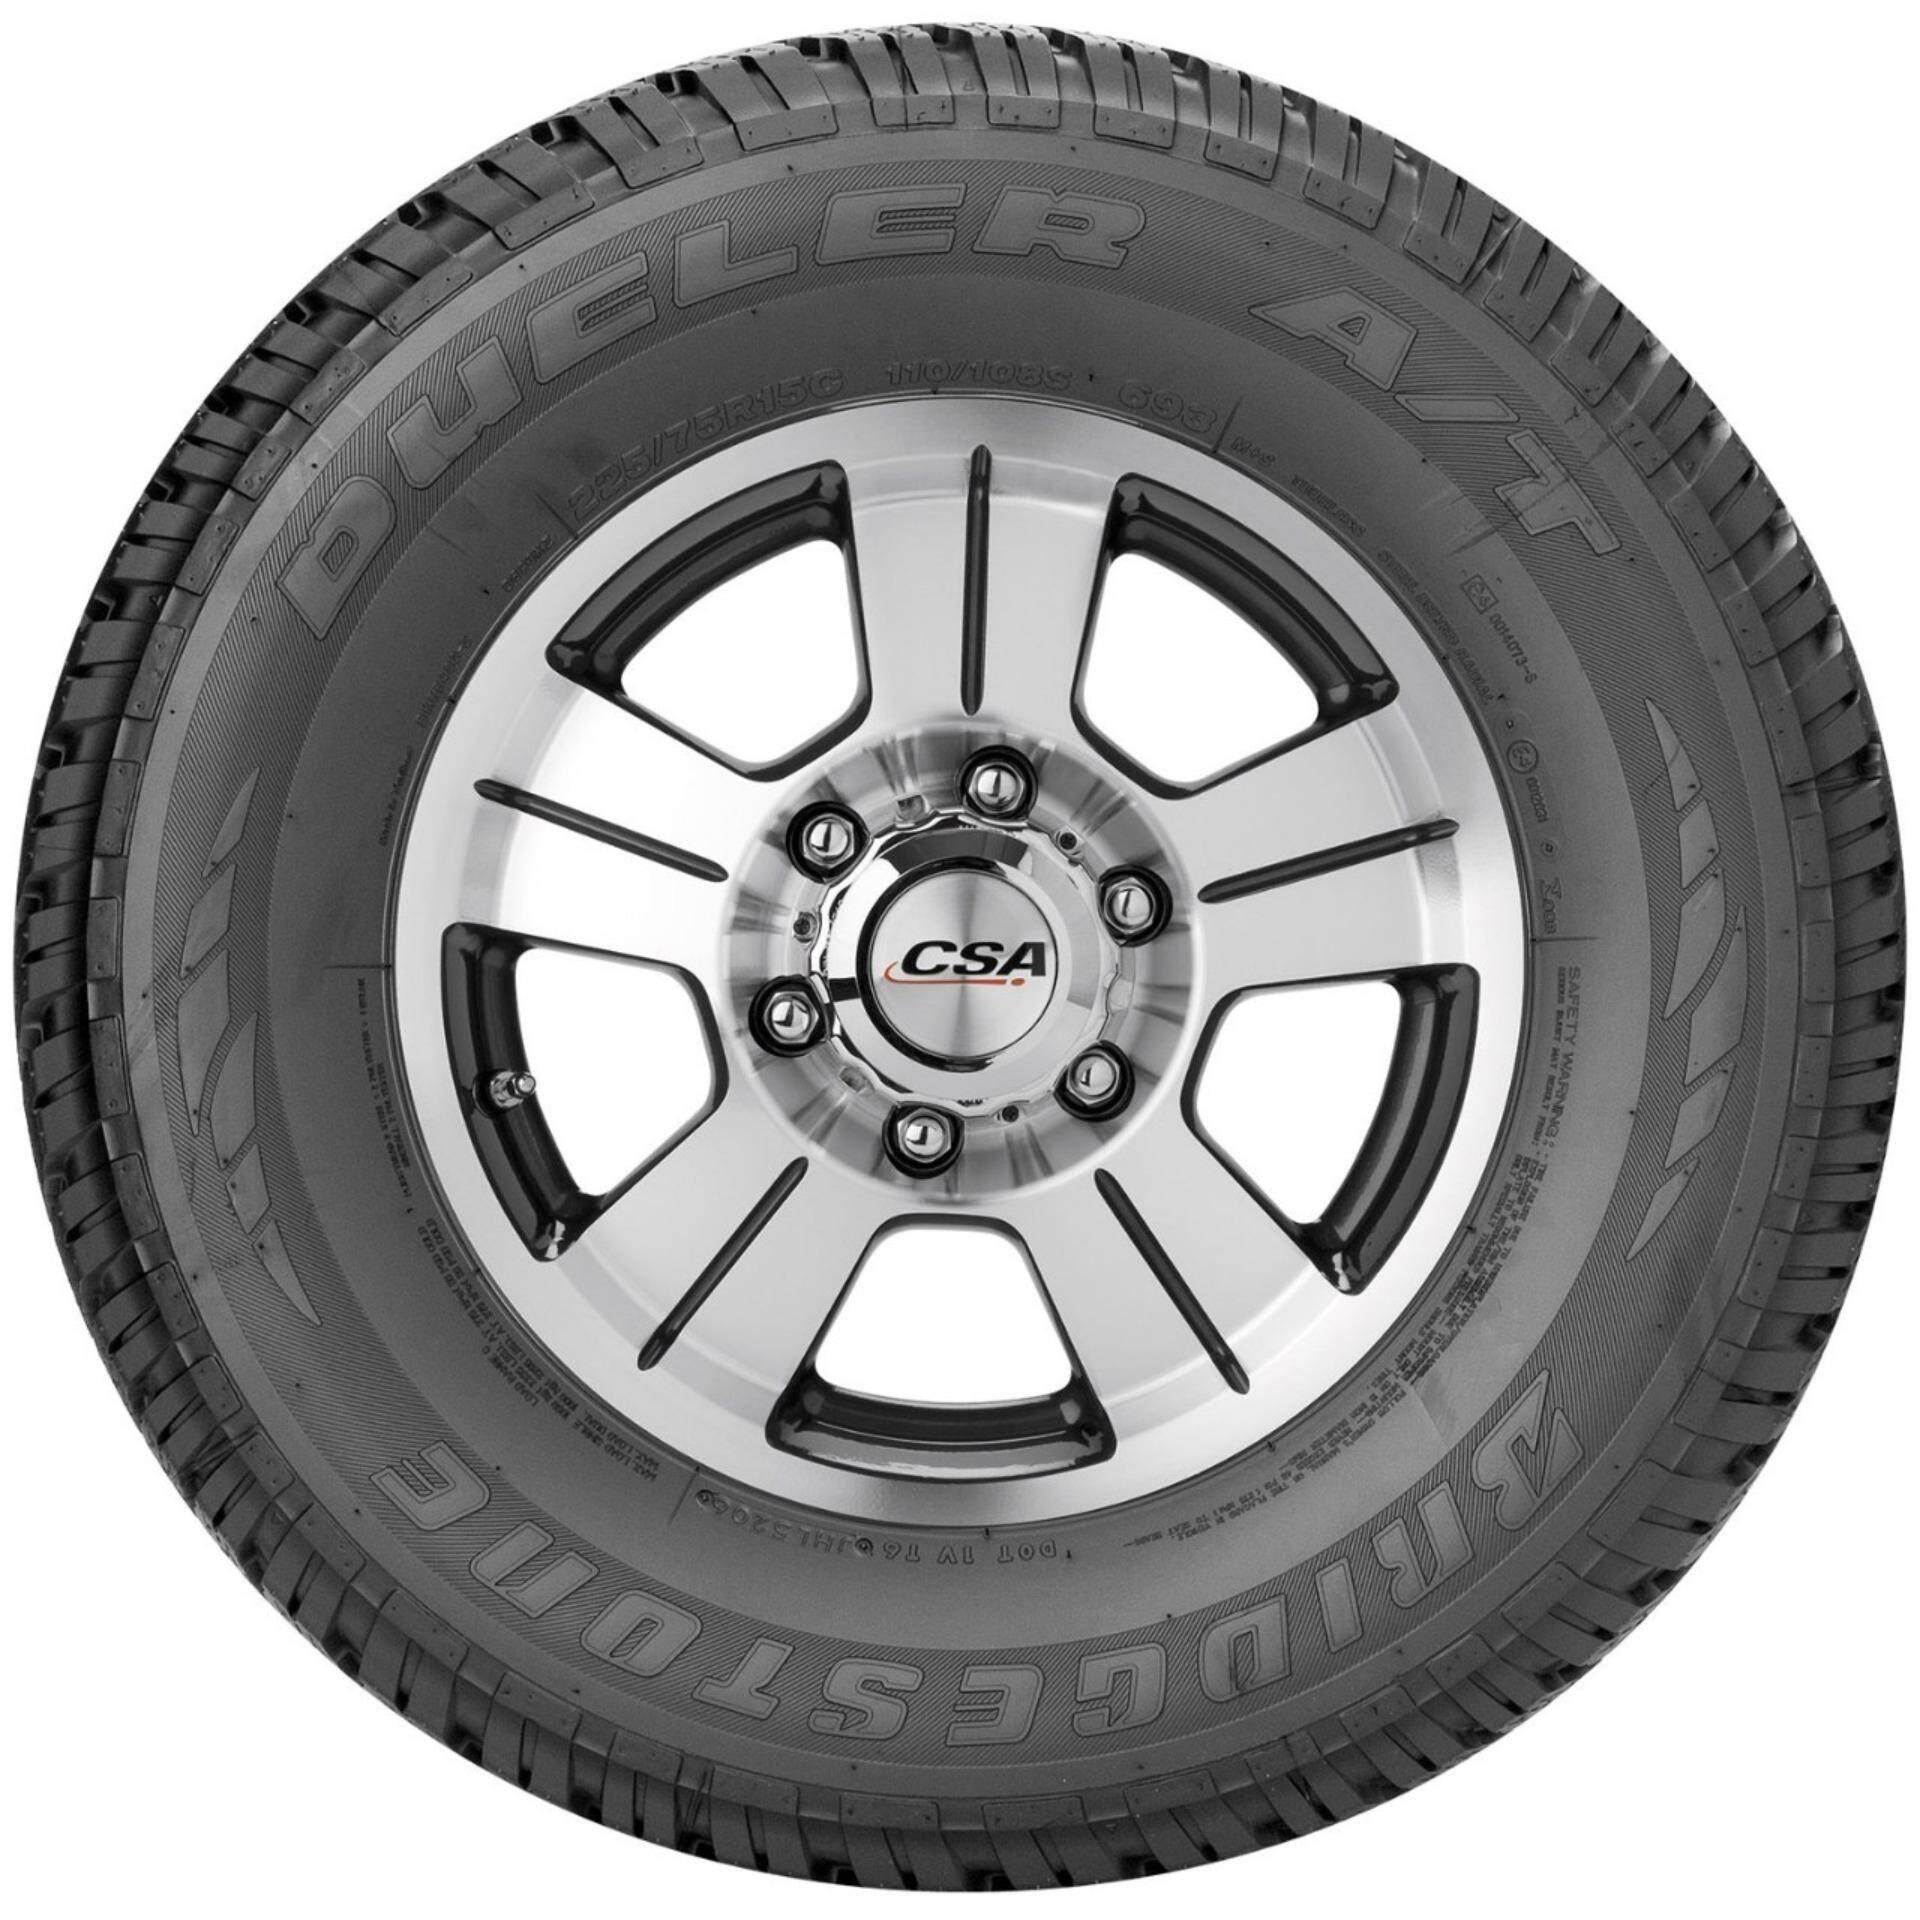 สุพรรณบุรี Bridgestone ยางรถยนต์ 245/70R16 รุ่น DUELER A/T 693III จำนวน 4 เส้น (ยางปี2019)